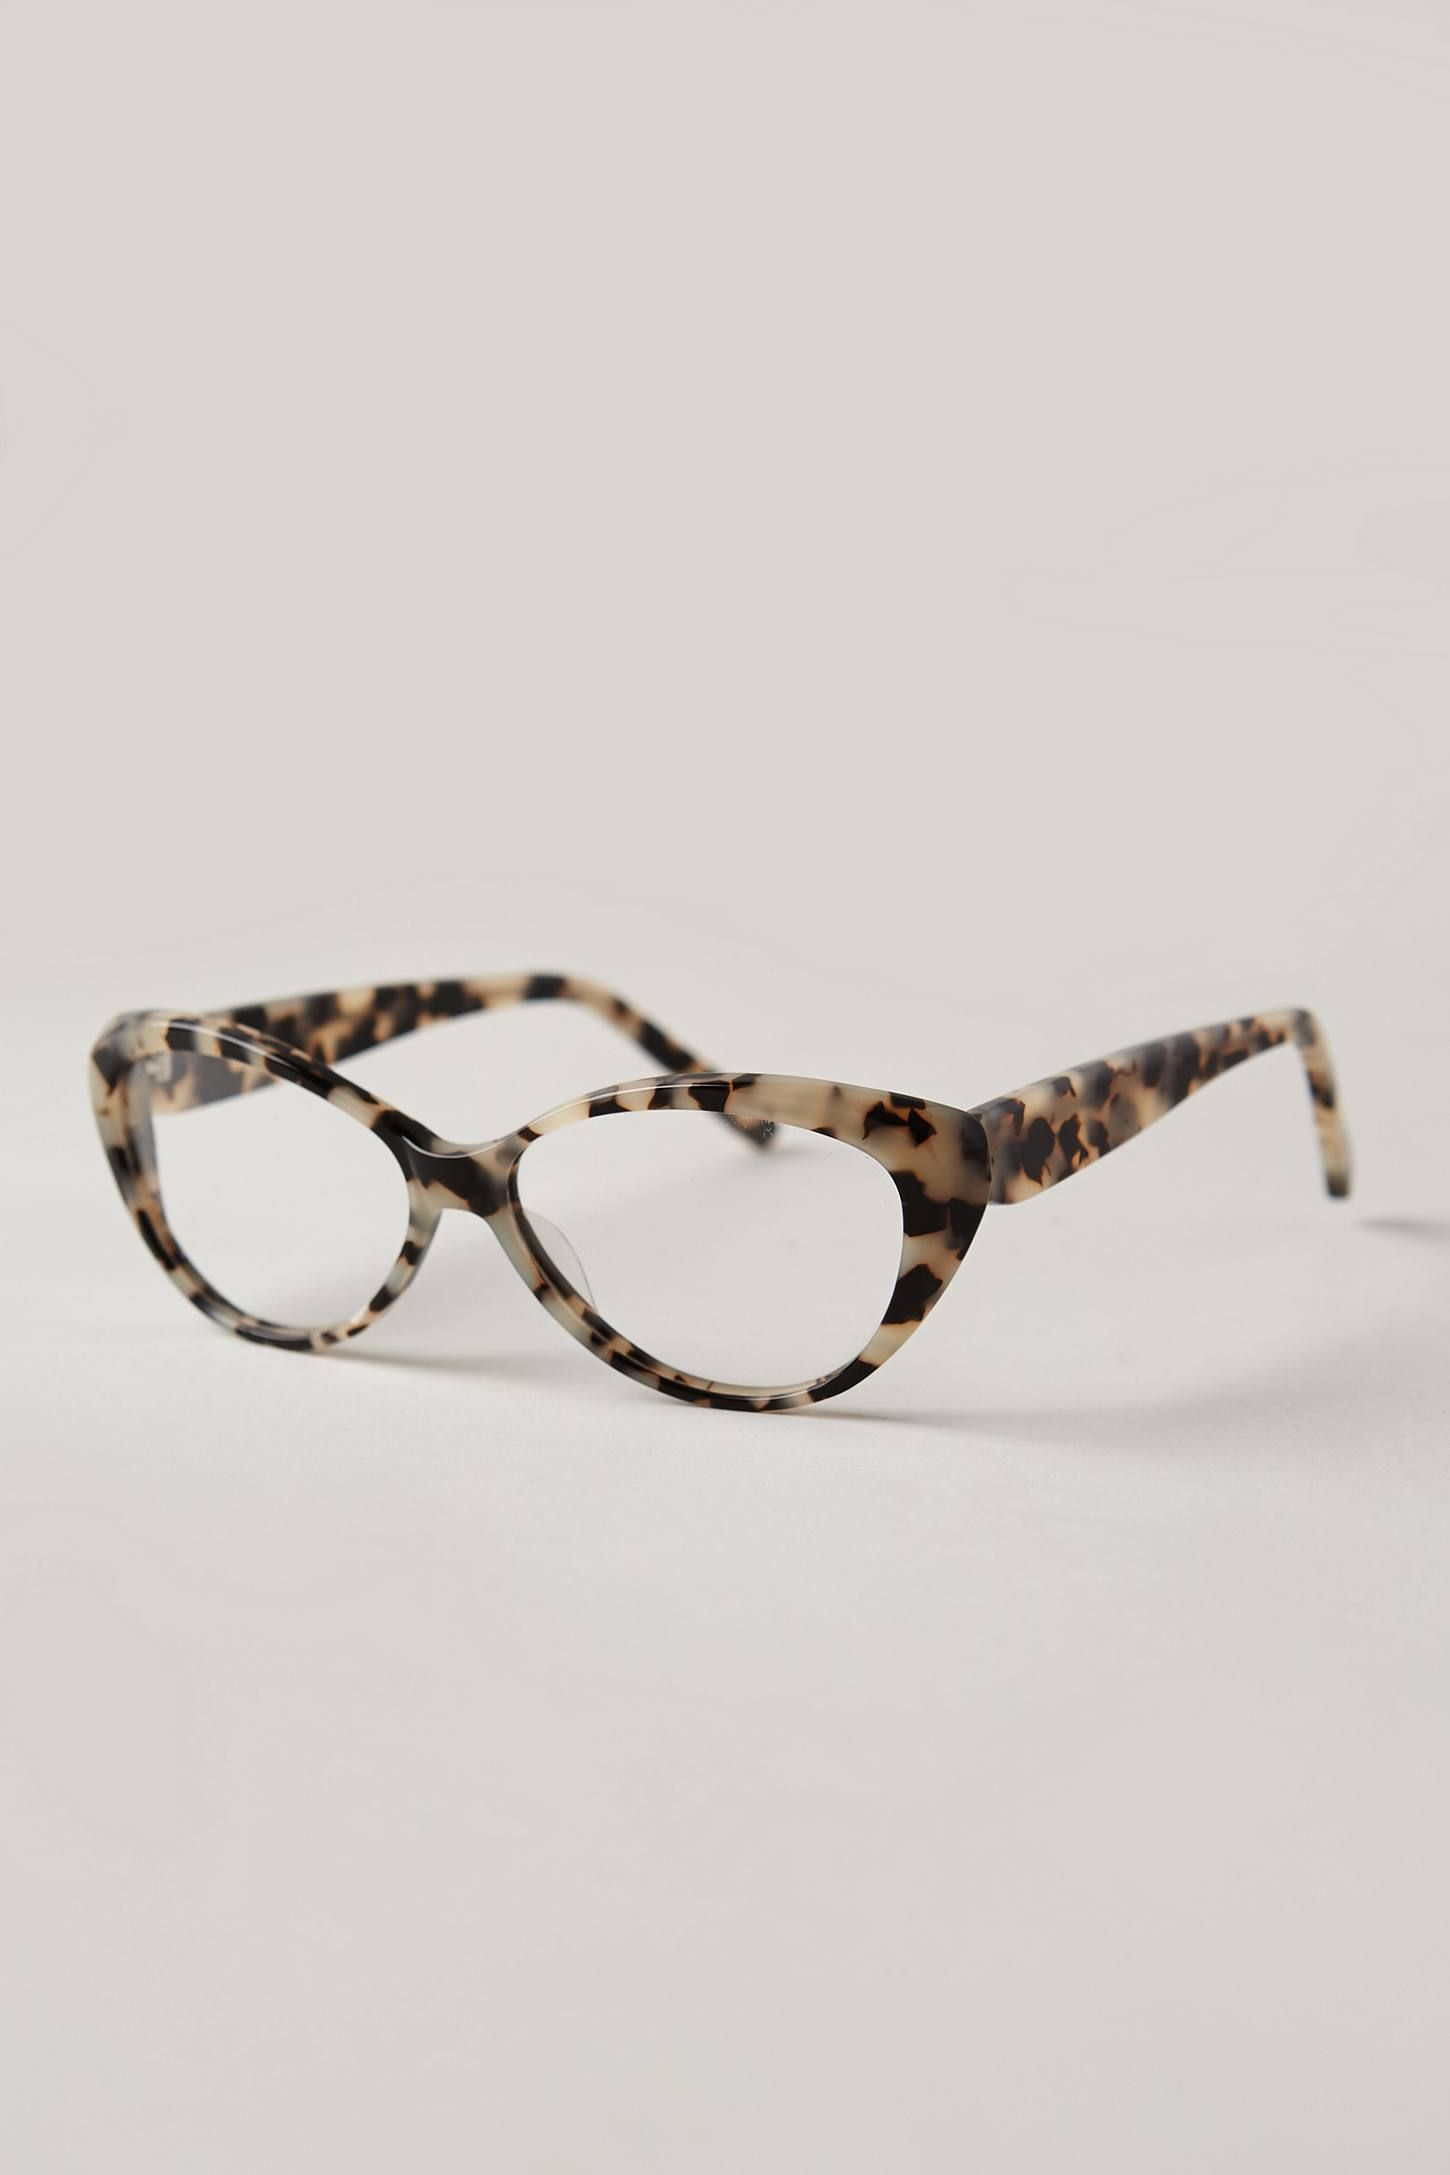 07da67e930af Big Cat Reading Glasses - anthropologie.com